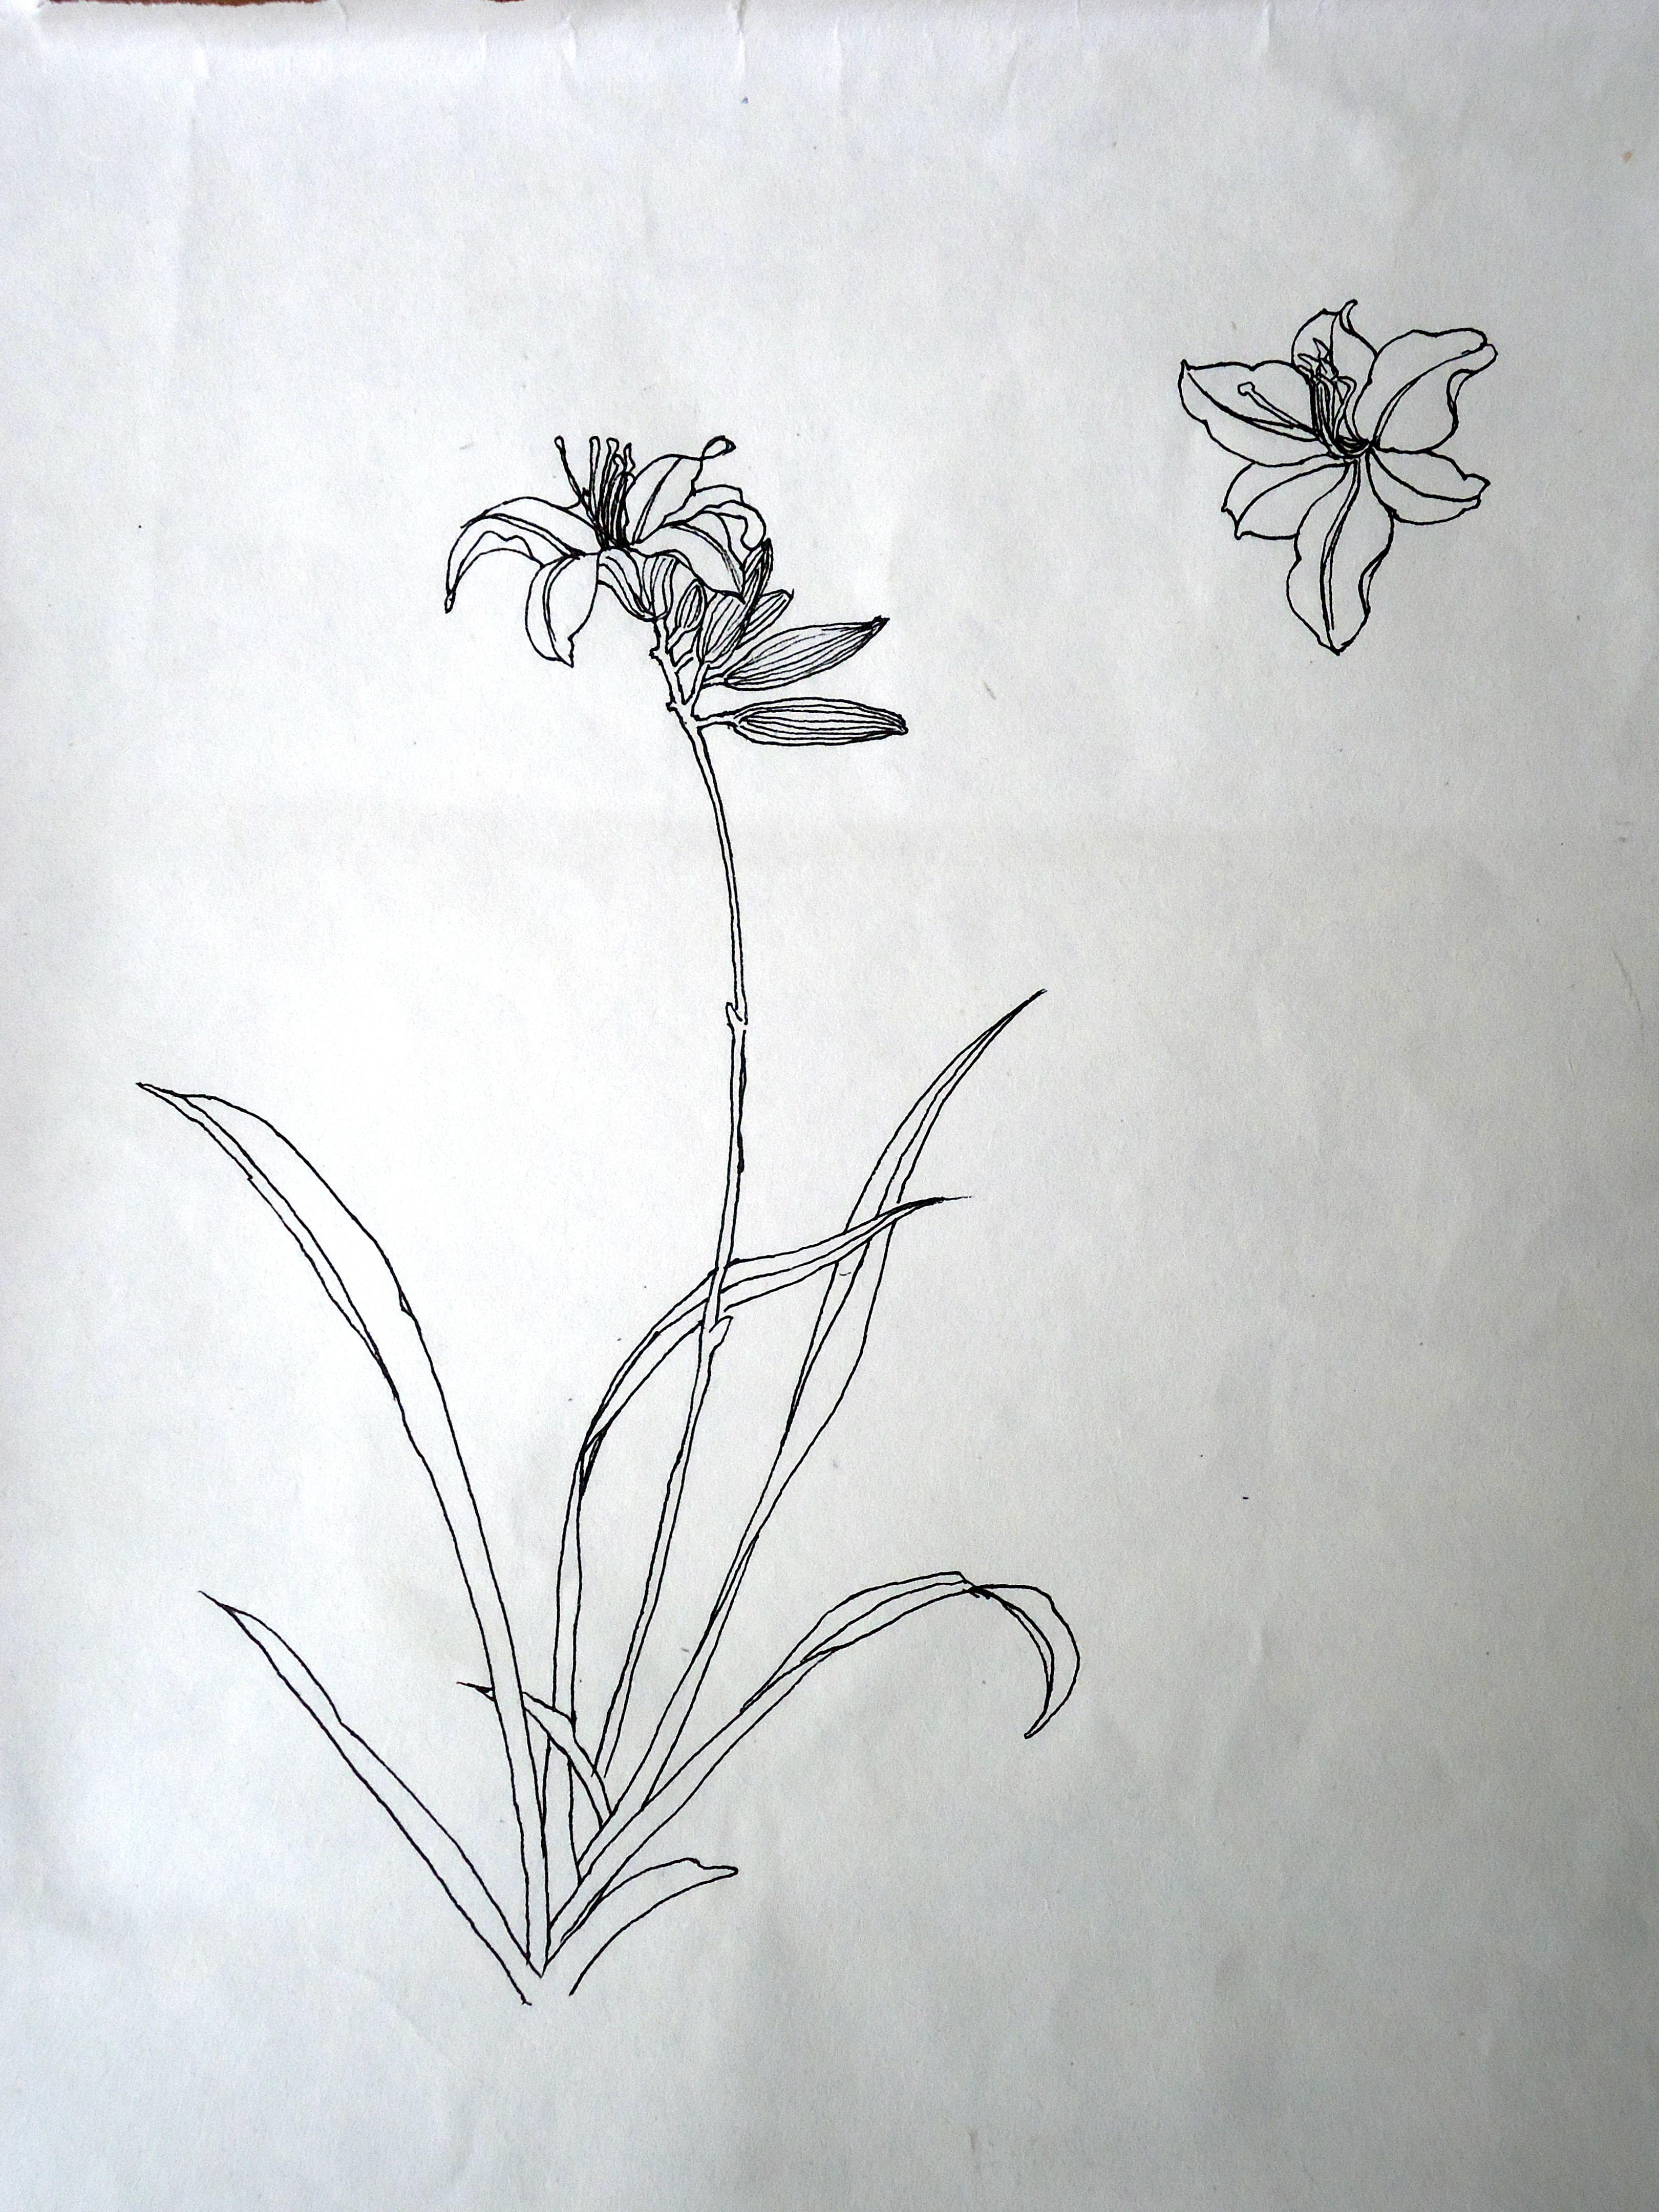 以水仙和百合花为原型奇思妙想的创作